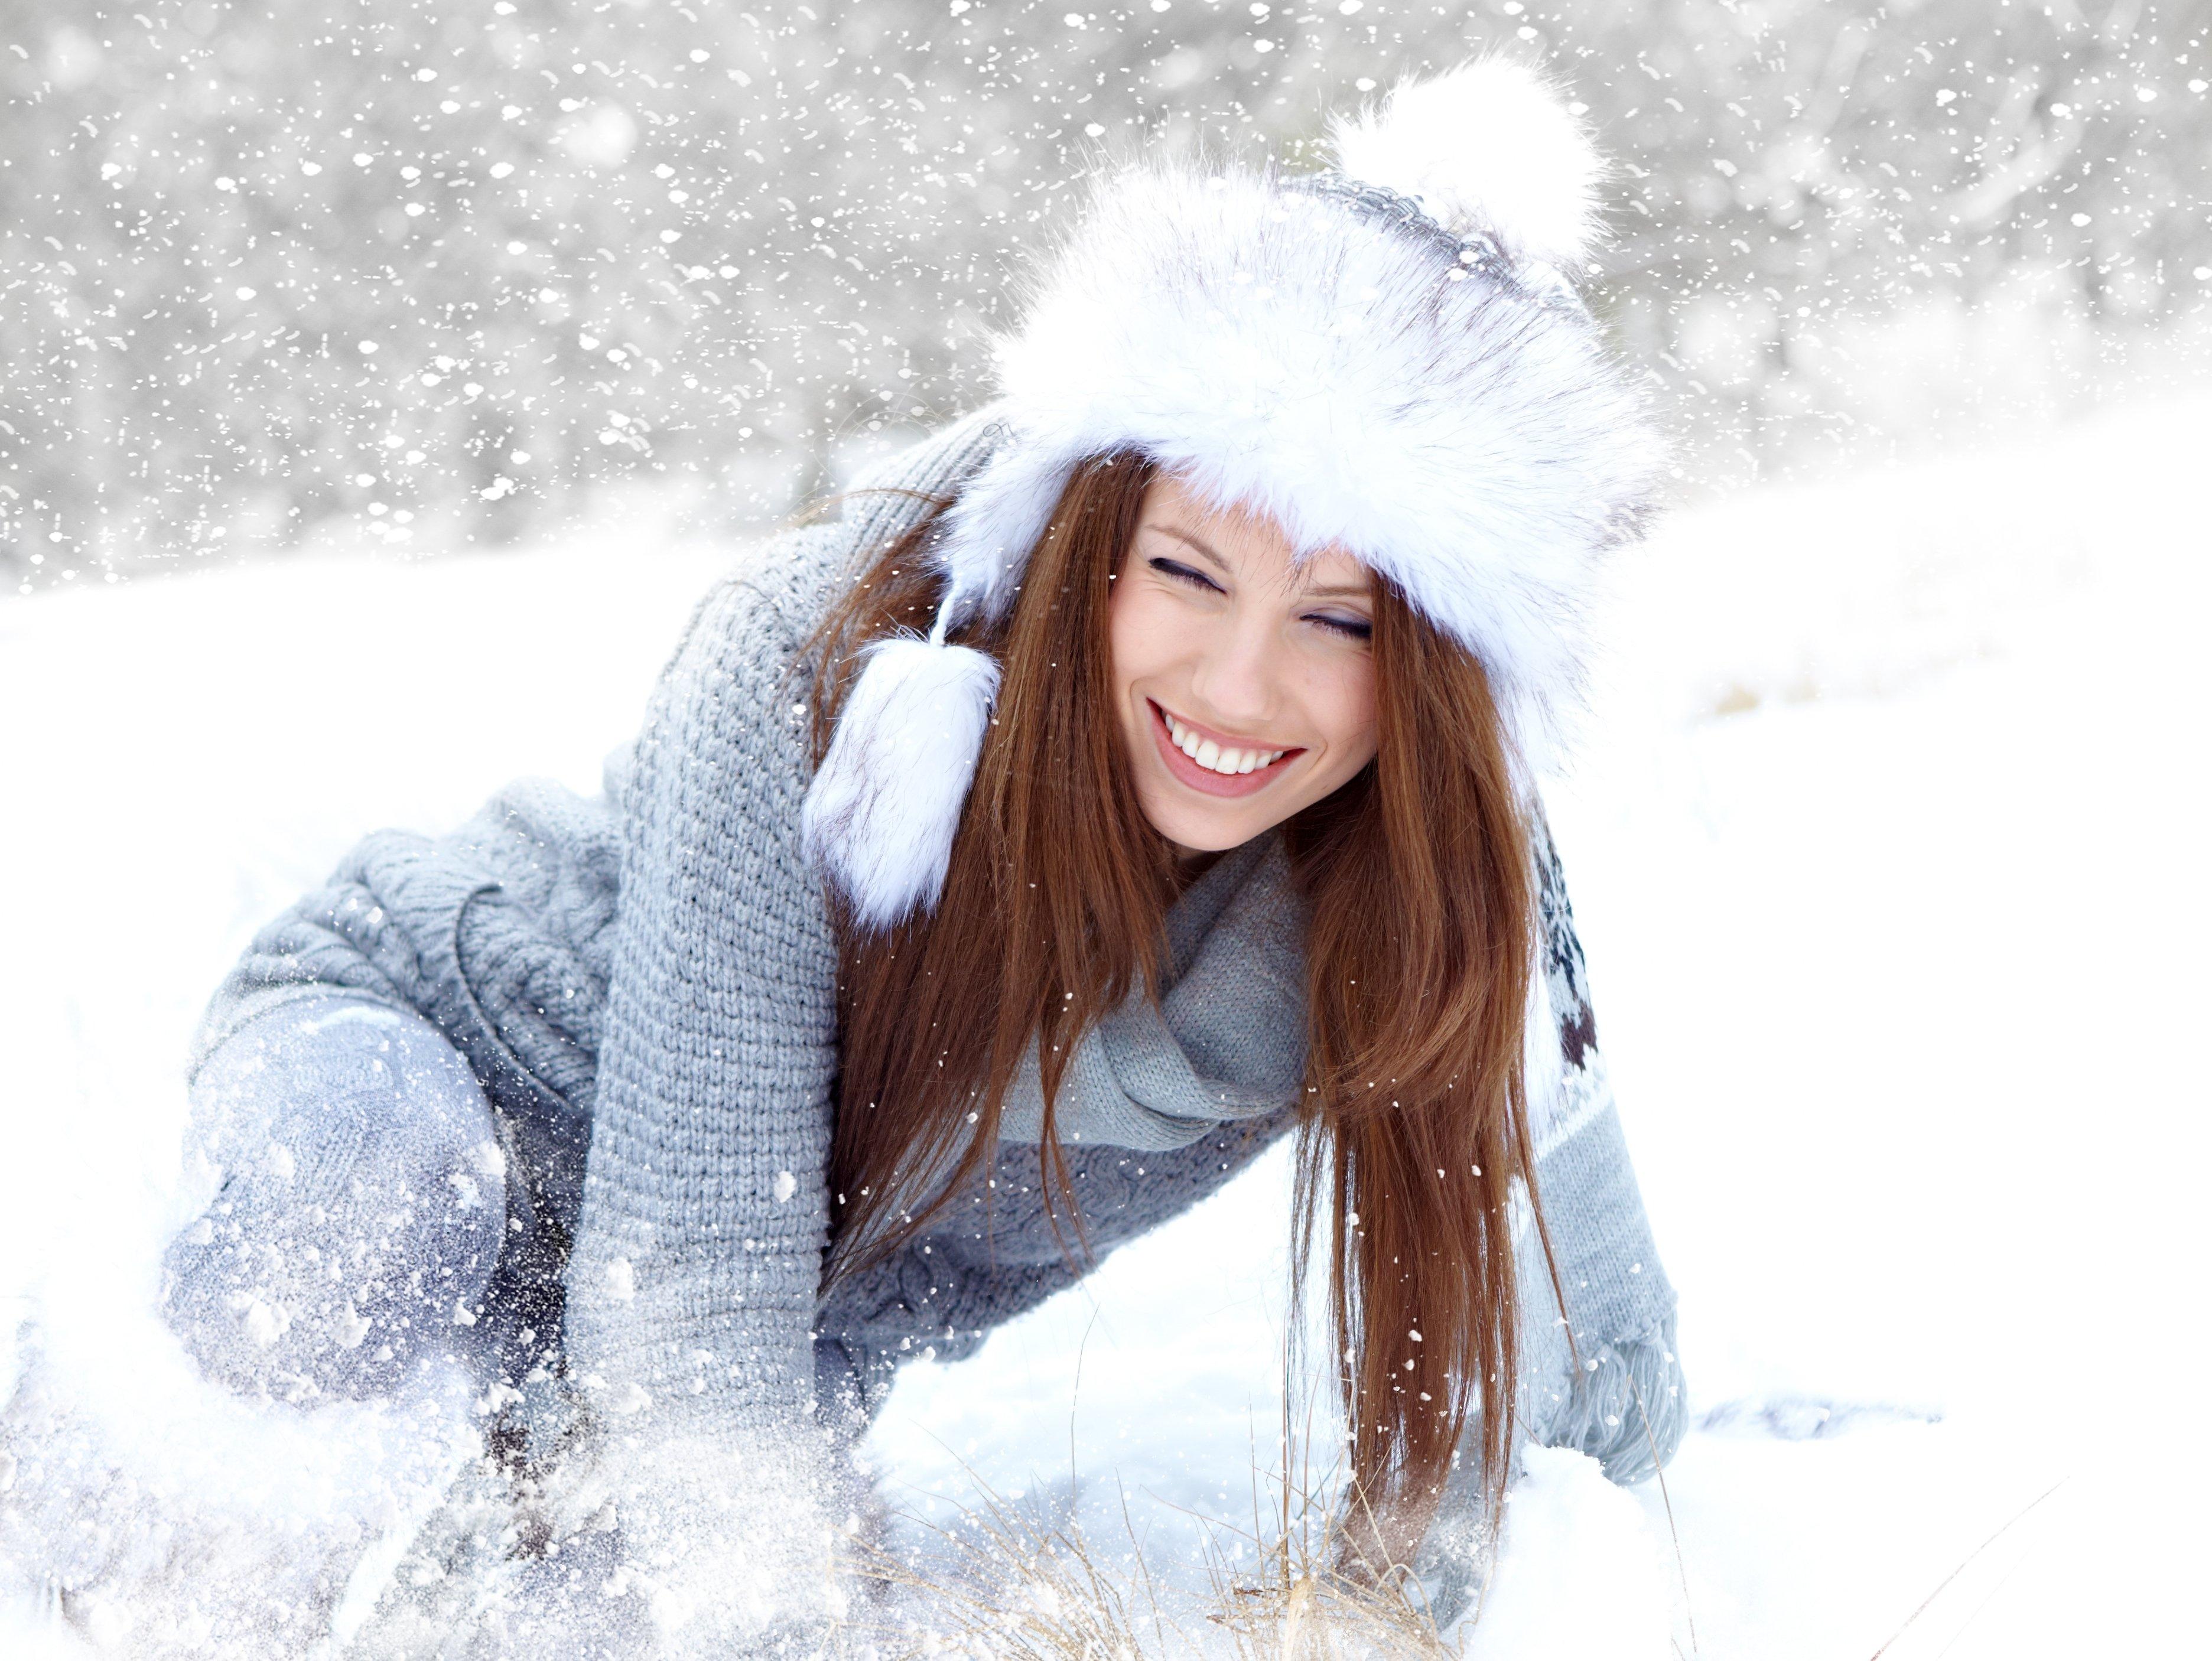 Снег девочка секс 12 фотография